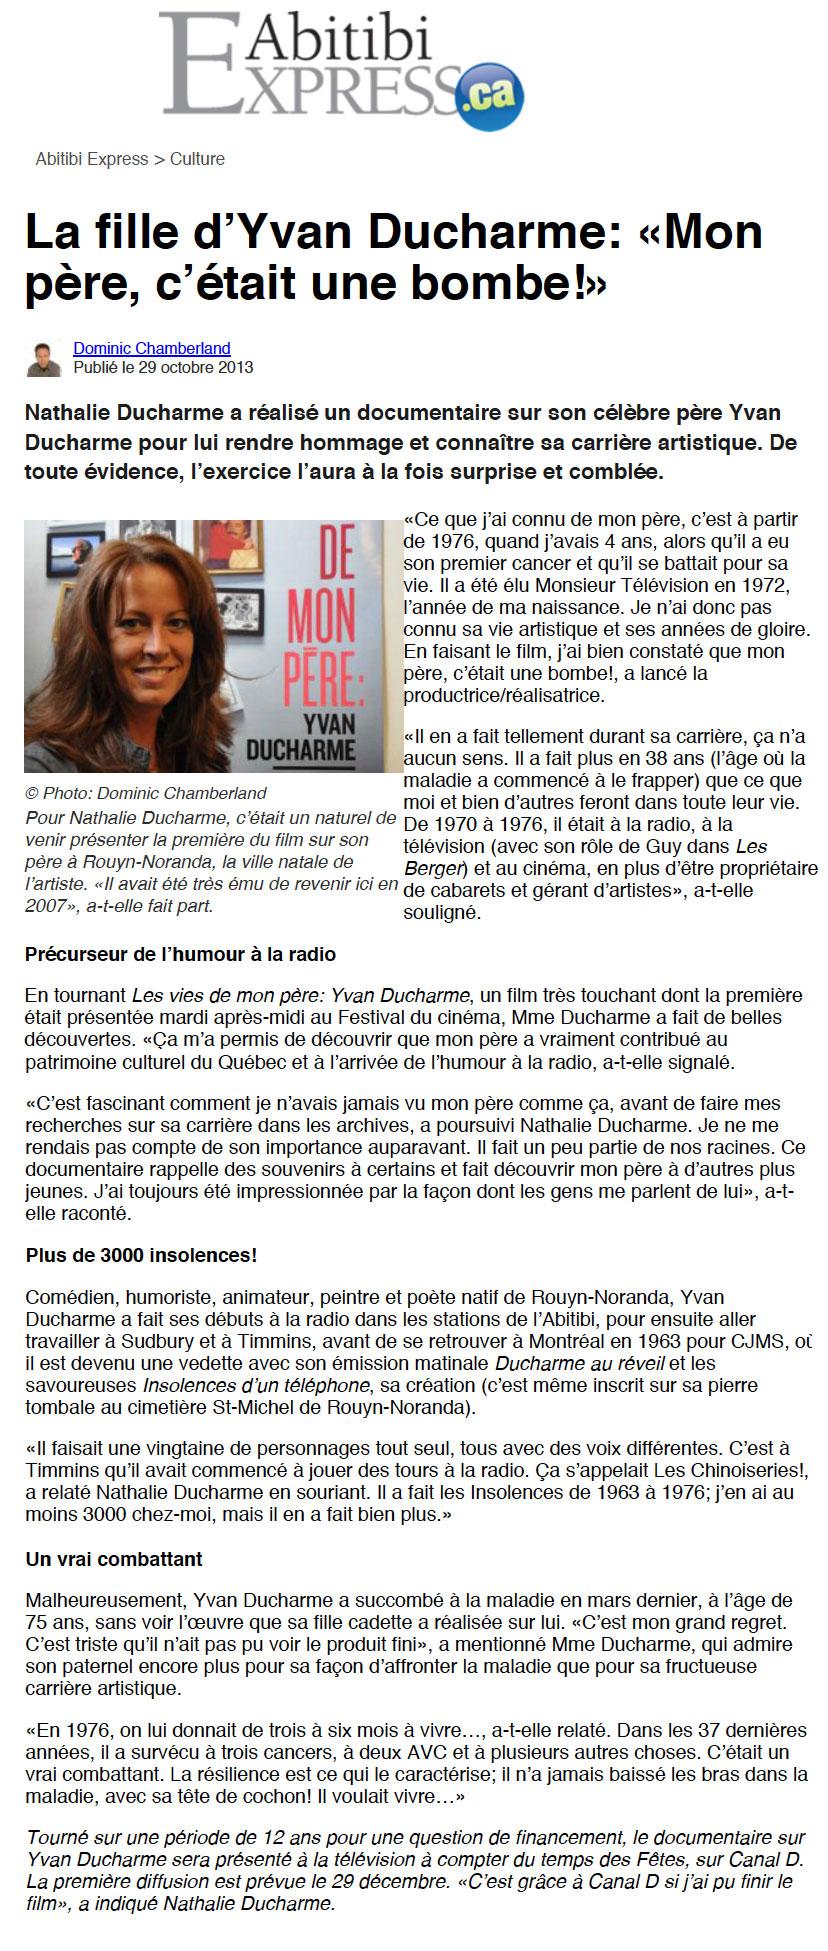 Nathalie_Ducharme-nathalie-ducharme-Réalisatrice-Québécoise-Scénariste-Productrice-réalisateur-québec-canadian_director-filmmaker-cinéaste-documentary-documentaire-film-fiction-award-winner-yvan-ducharme-culture-choc-shock-qui_fait_quoi-qfq-article_de_presse-média-insolences-téléphone-cjms-abitibi-rouyn-noranda-témiscamingue-festival-international-film-ficat-documentaire-artiste-québécois-icone